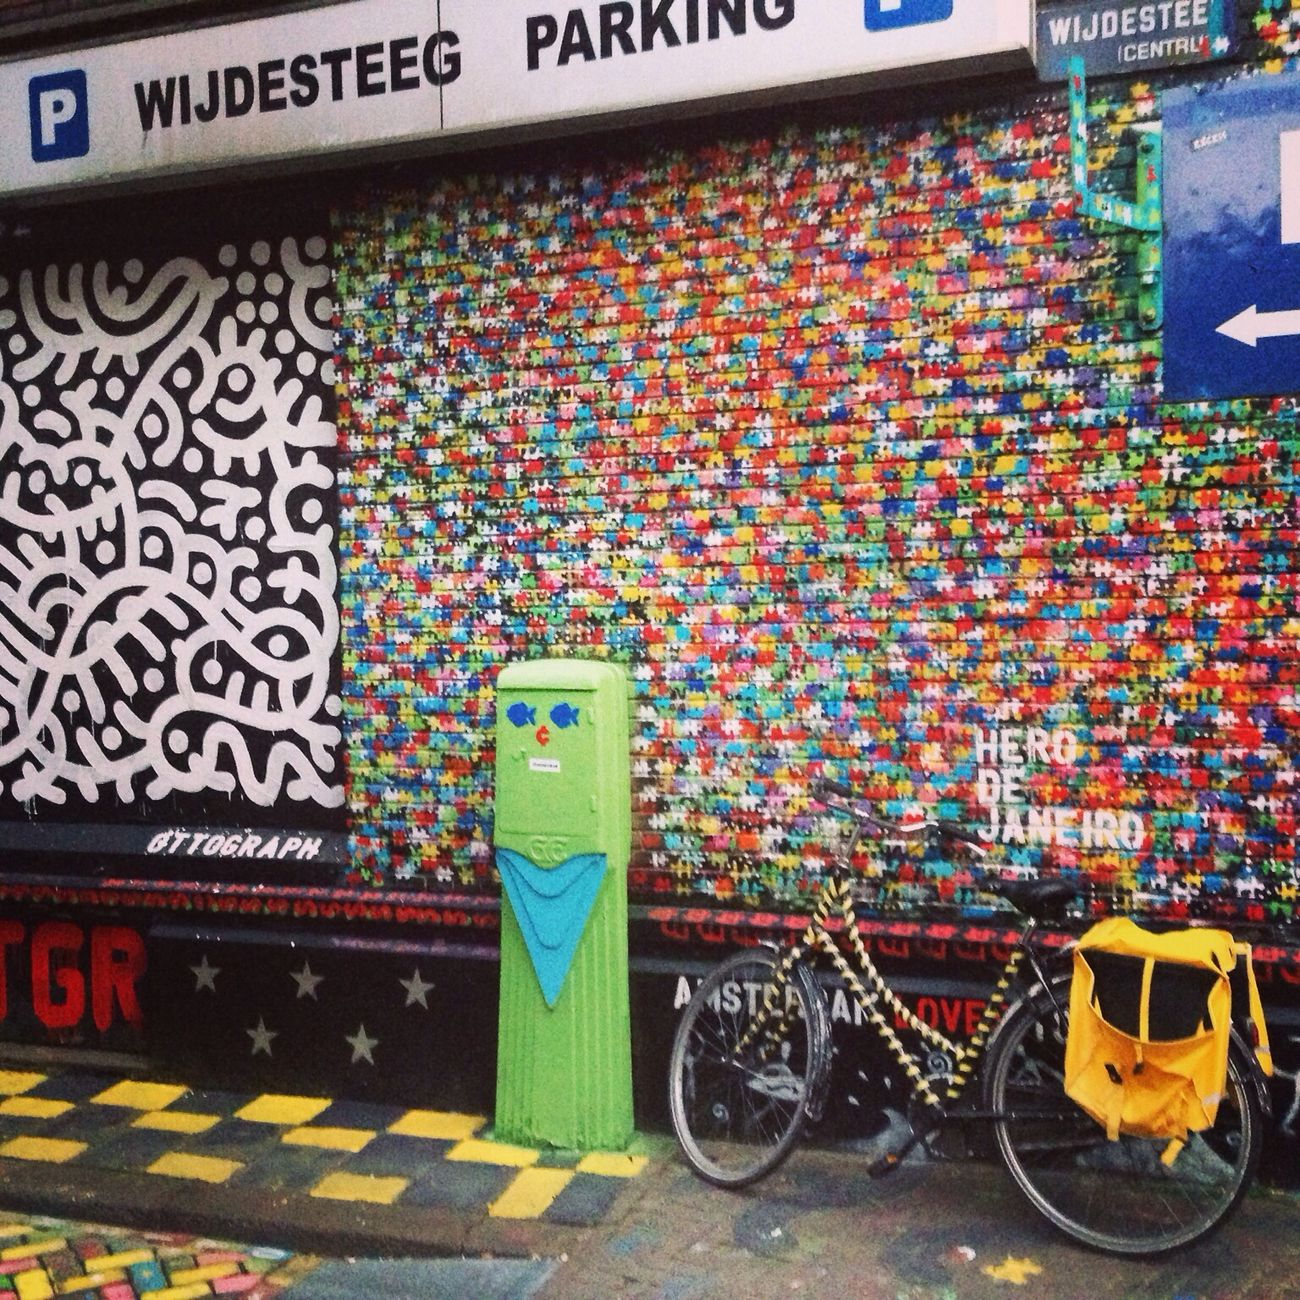 Amsterdamstreet